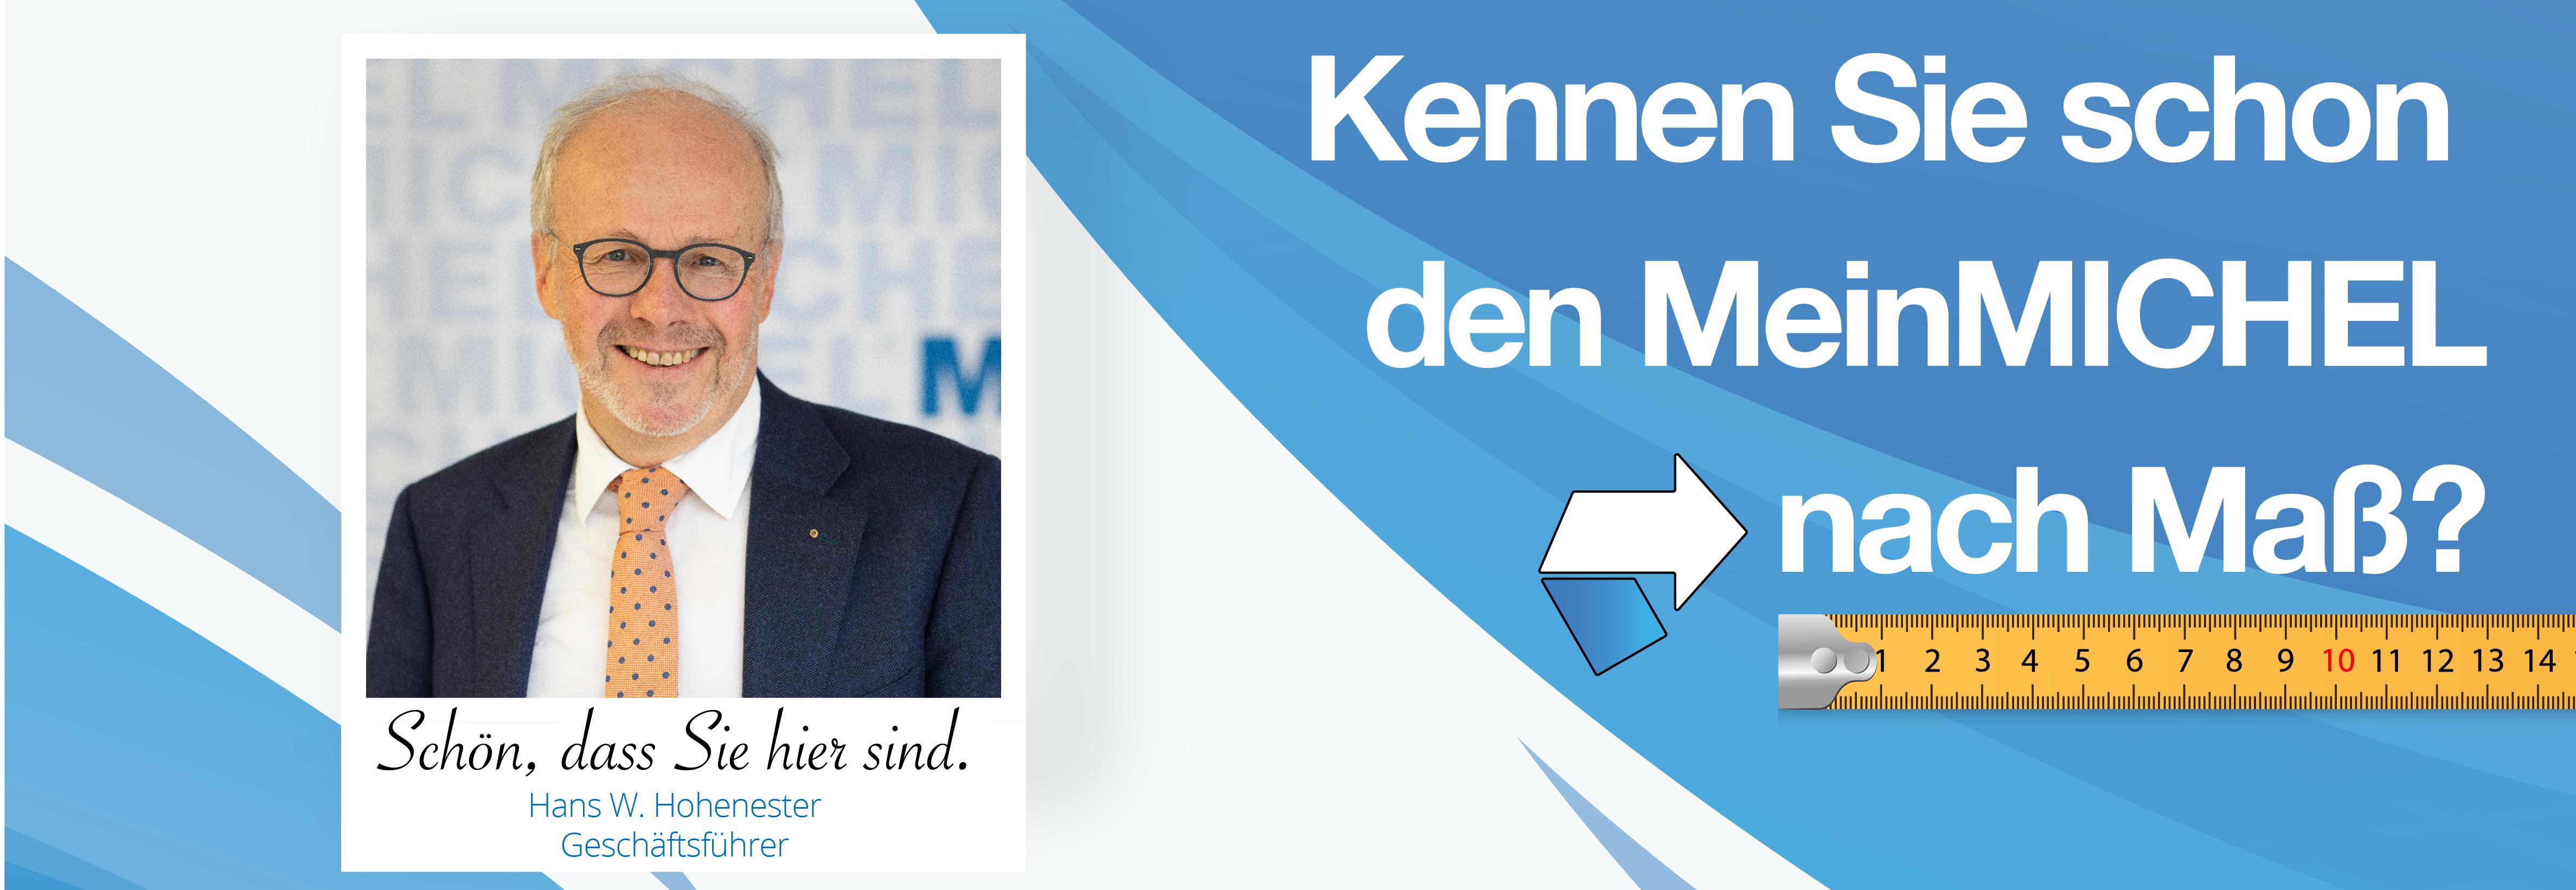 Hans W. Hohenester - MeinMICHEL nach Maß